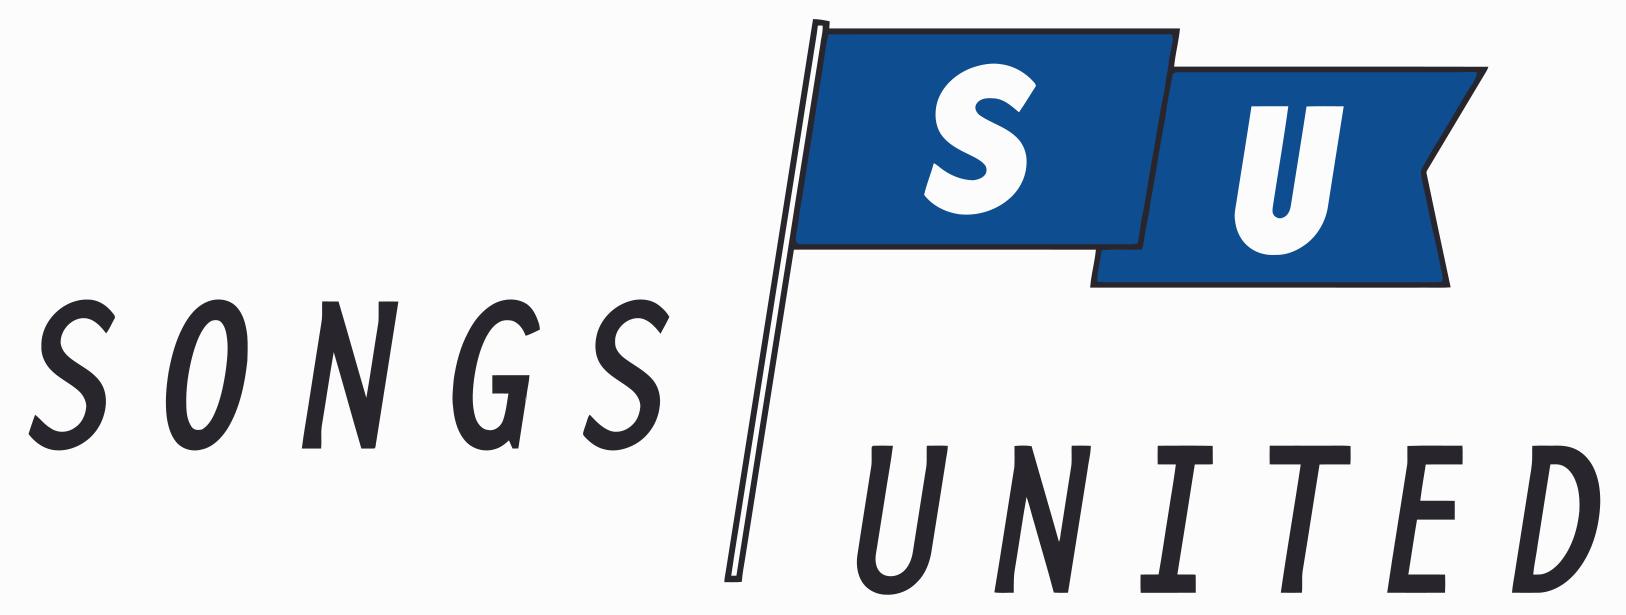 Songs United Publishing